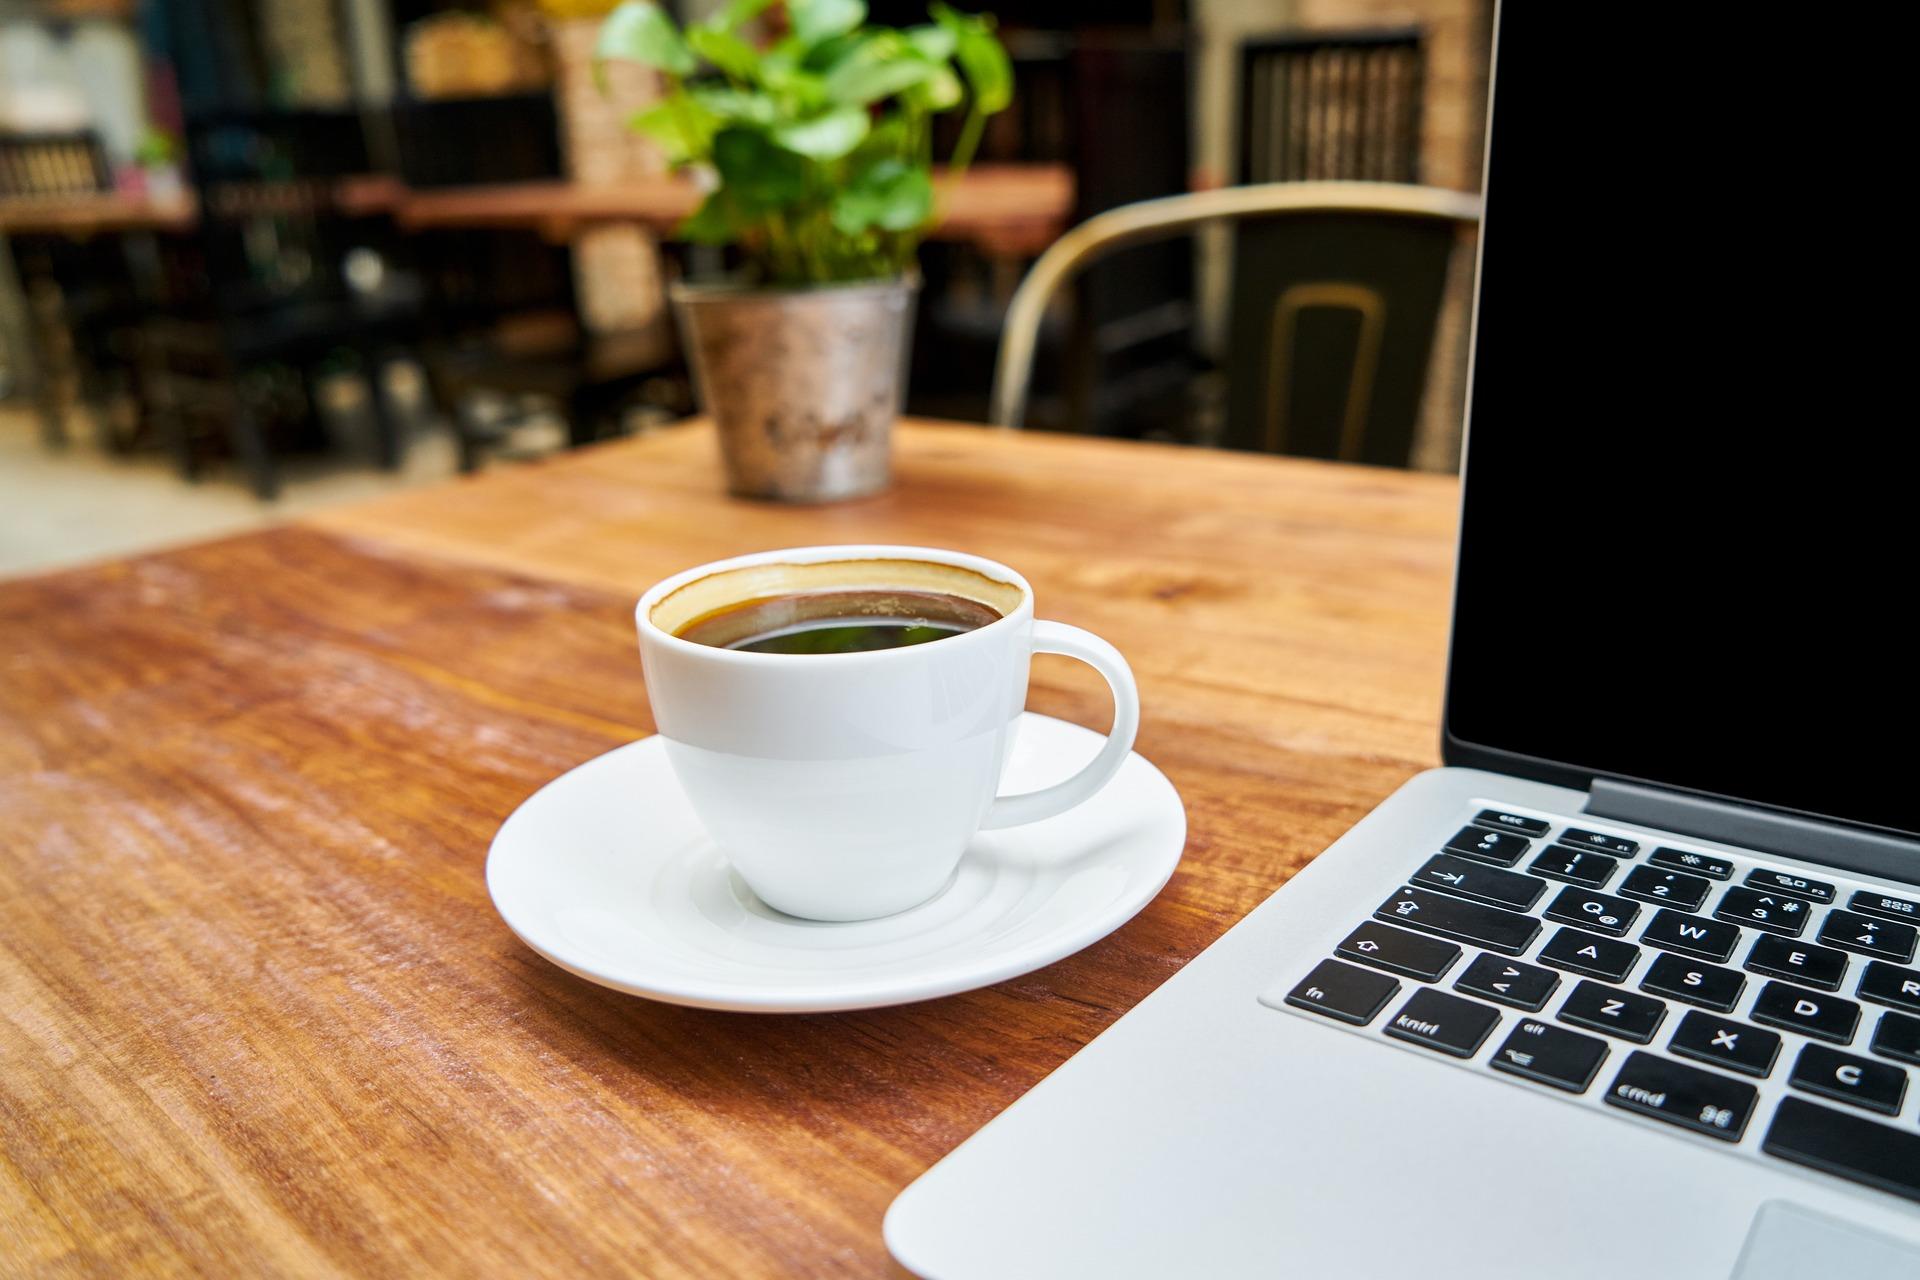 Plastic koffiebekers of karton voor op het werk